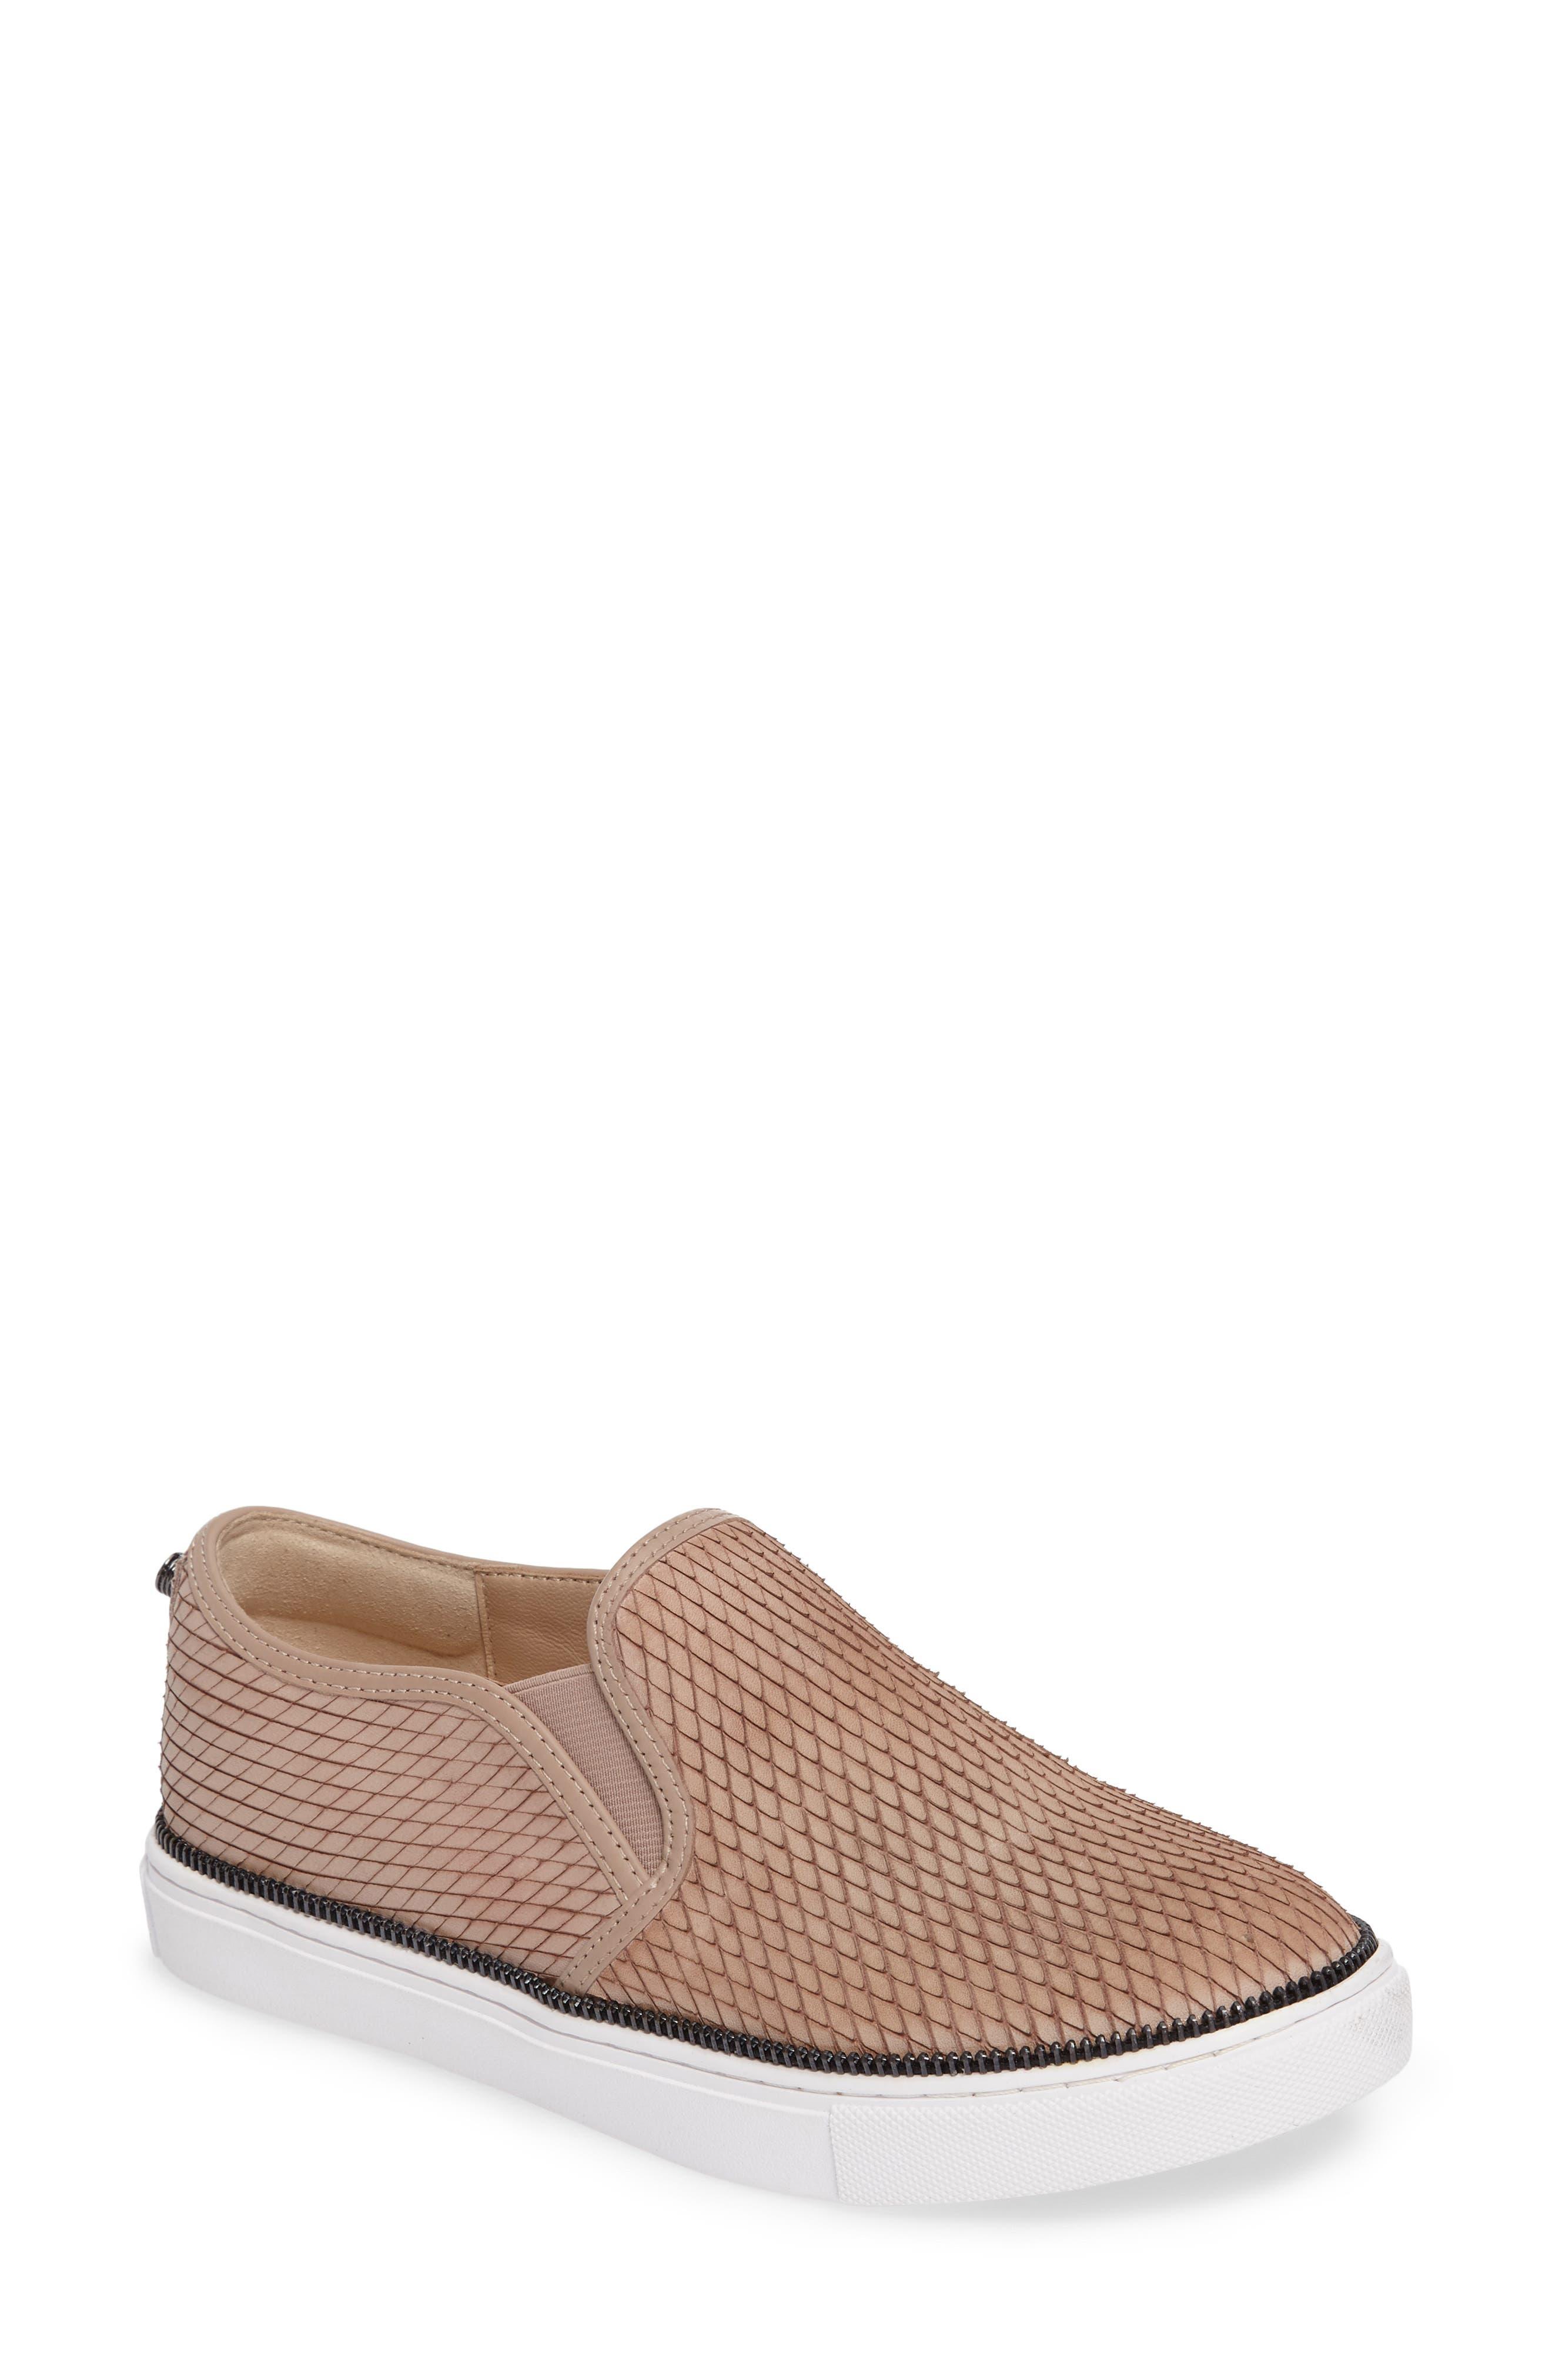 Harper Slip-On Sneaker,                             Main thumbnail 6, color,